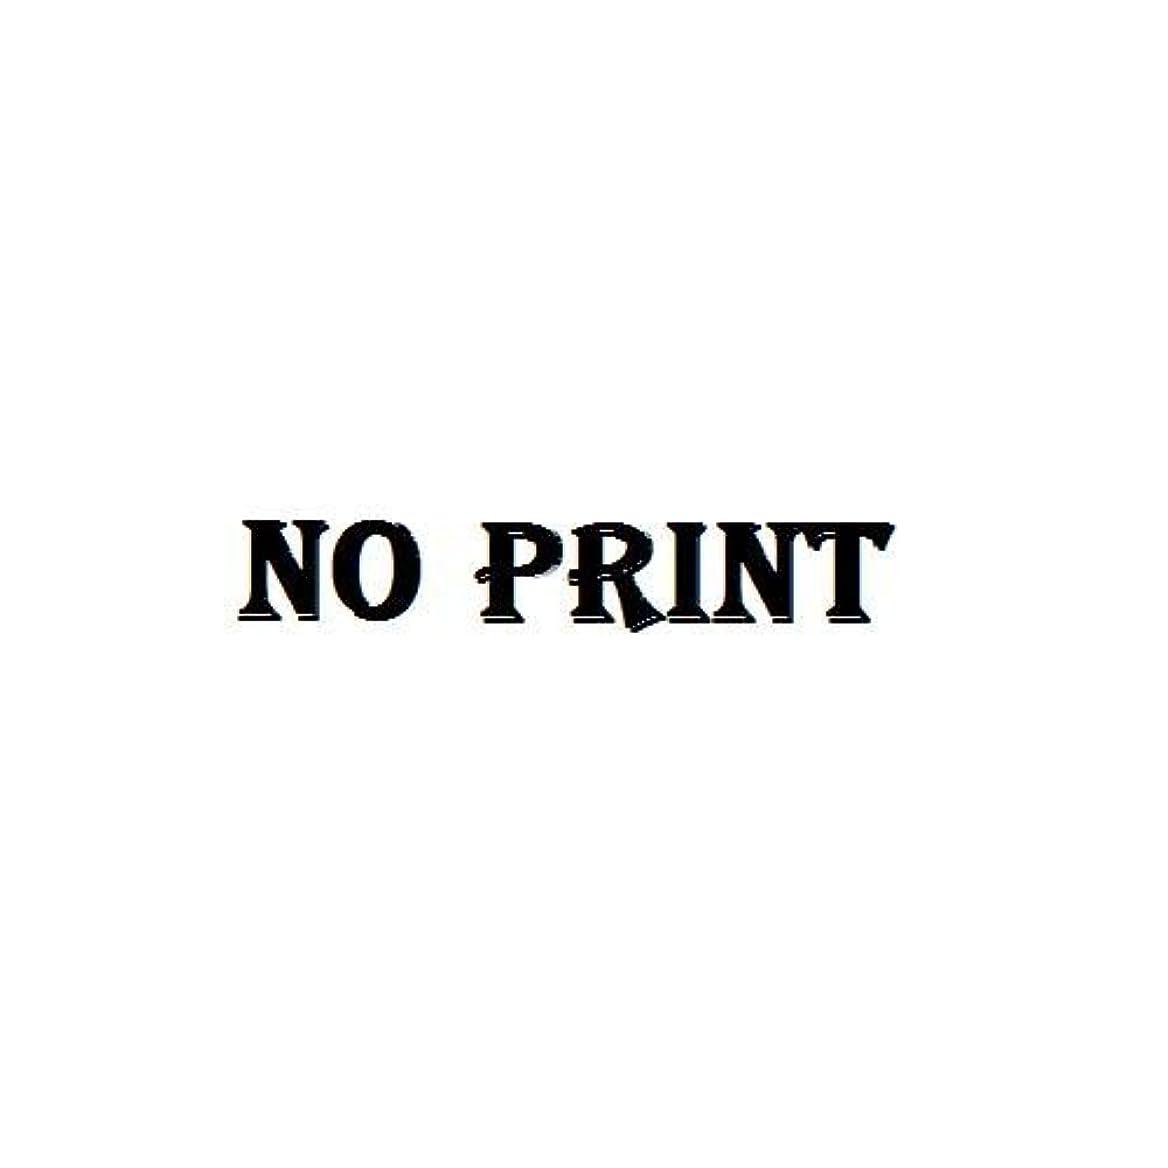 標準出版プロフィールエコポリテック(袋入)ブルー 384(200マイイリ) M エブノ